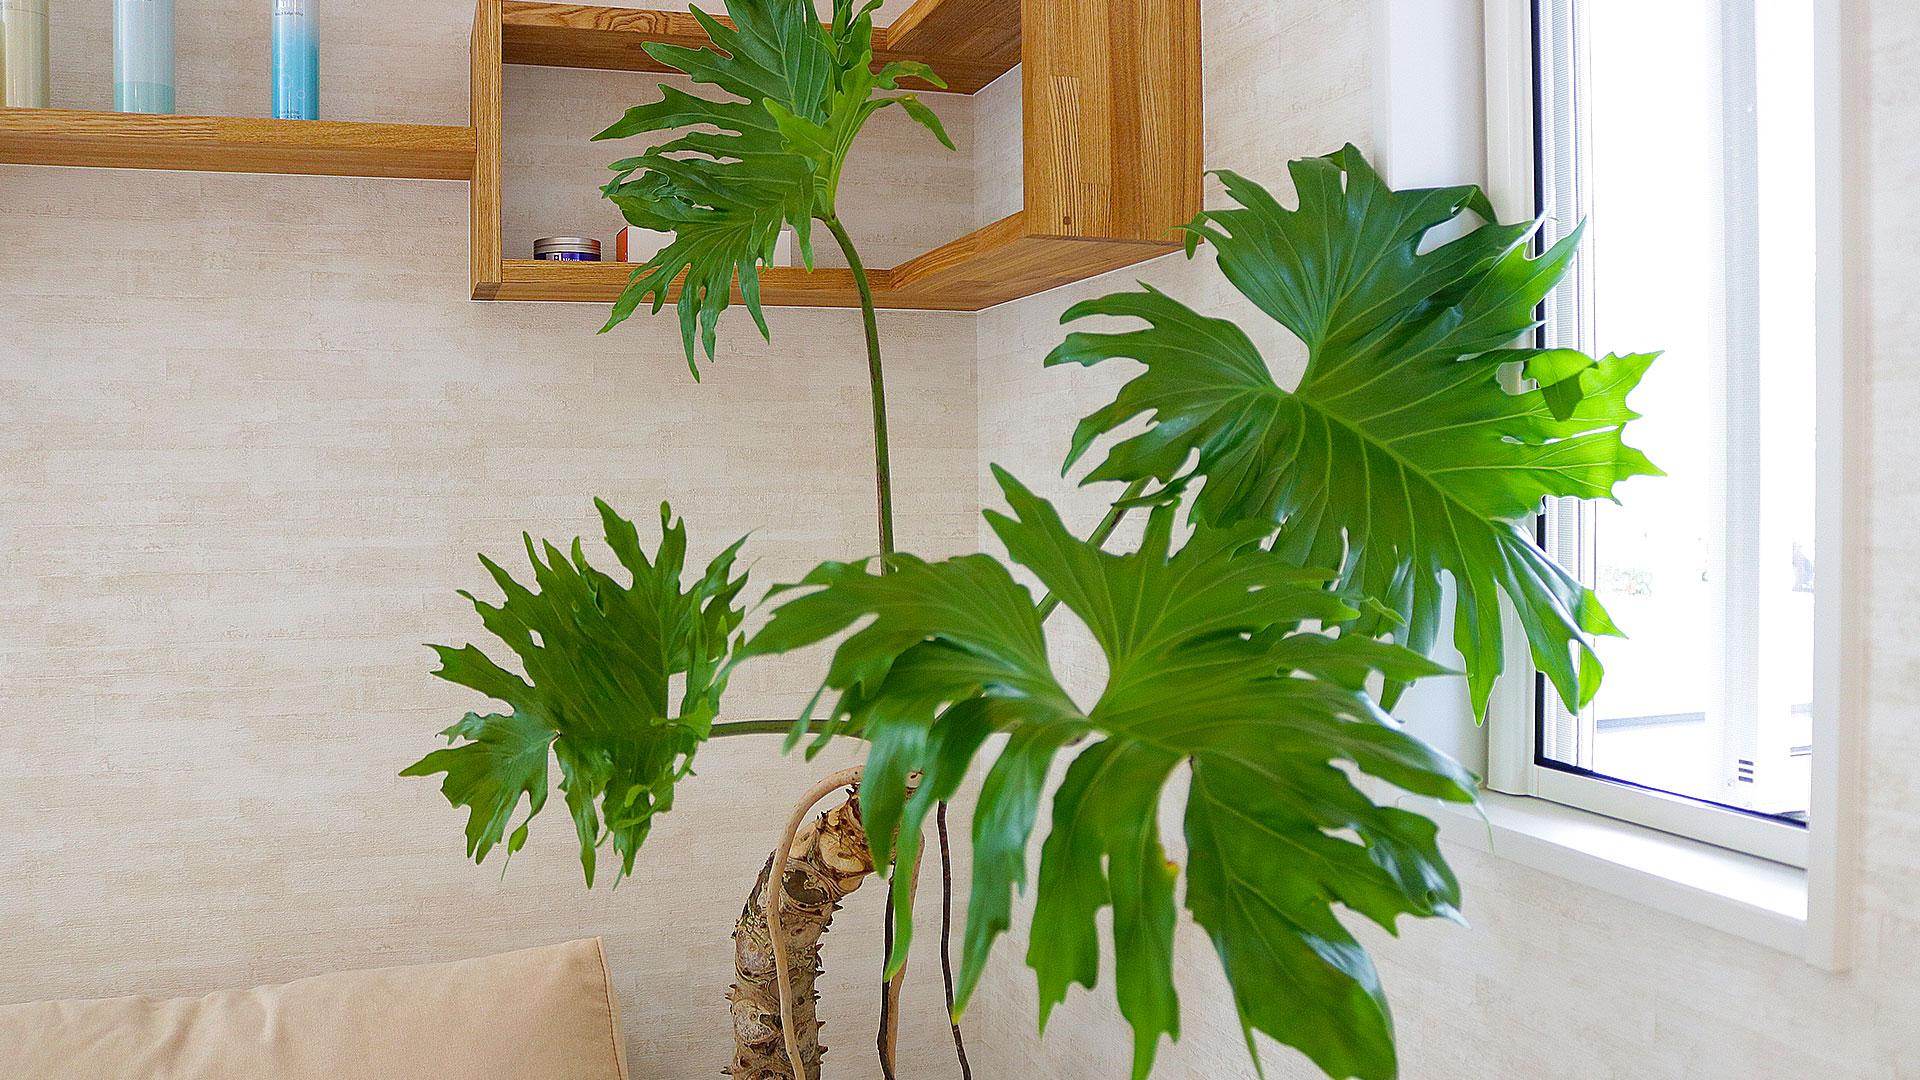 マイサカ家具の観葉植物